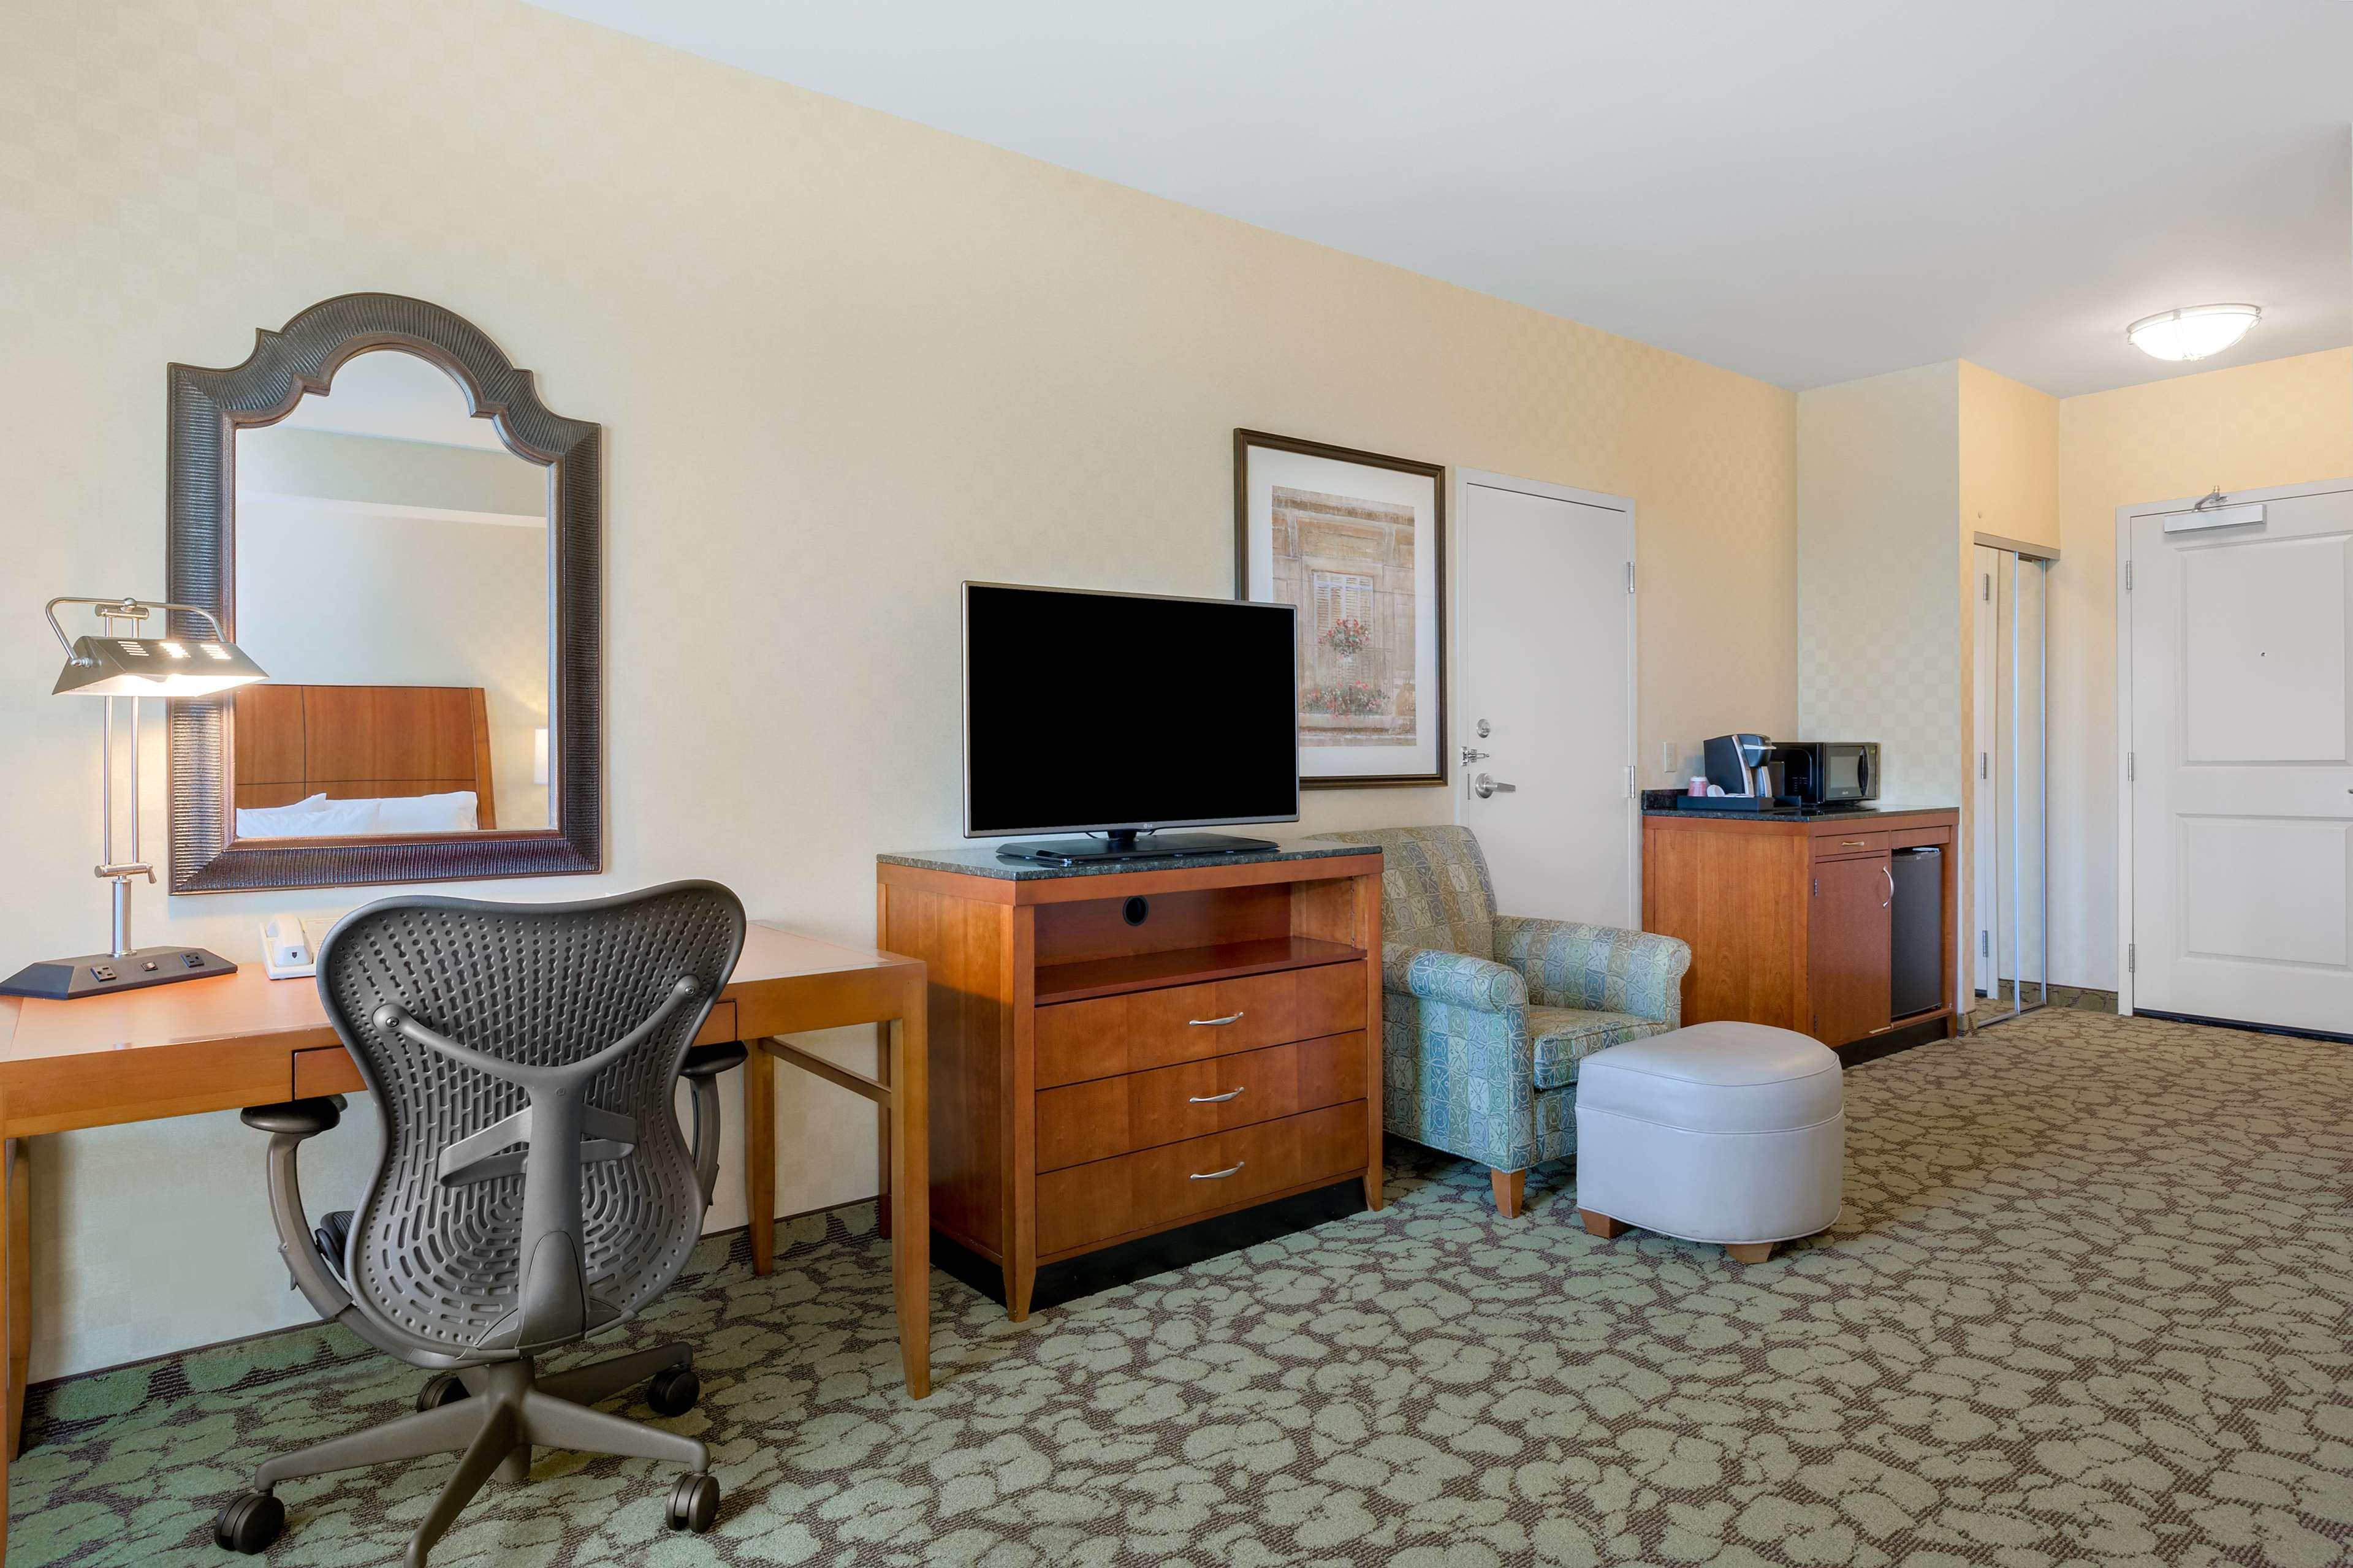 Hilton Garden Inn Sacramento Elk Grove image 25